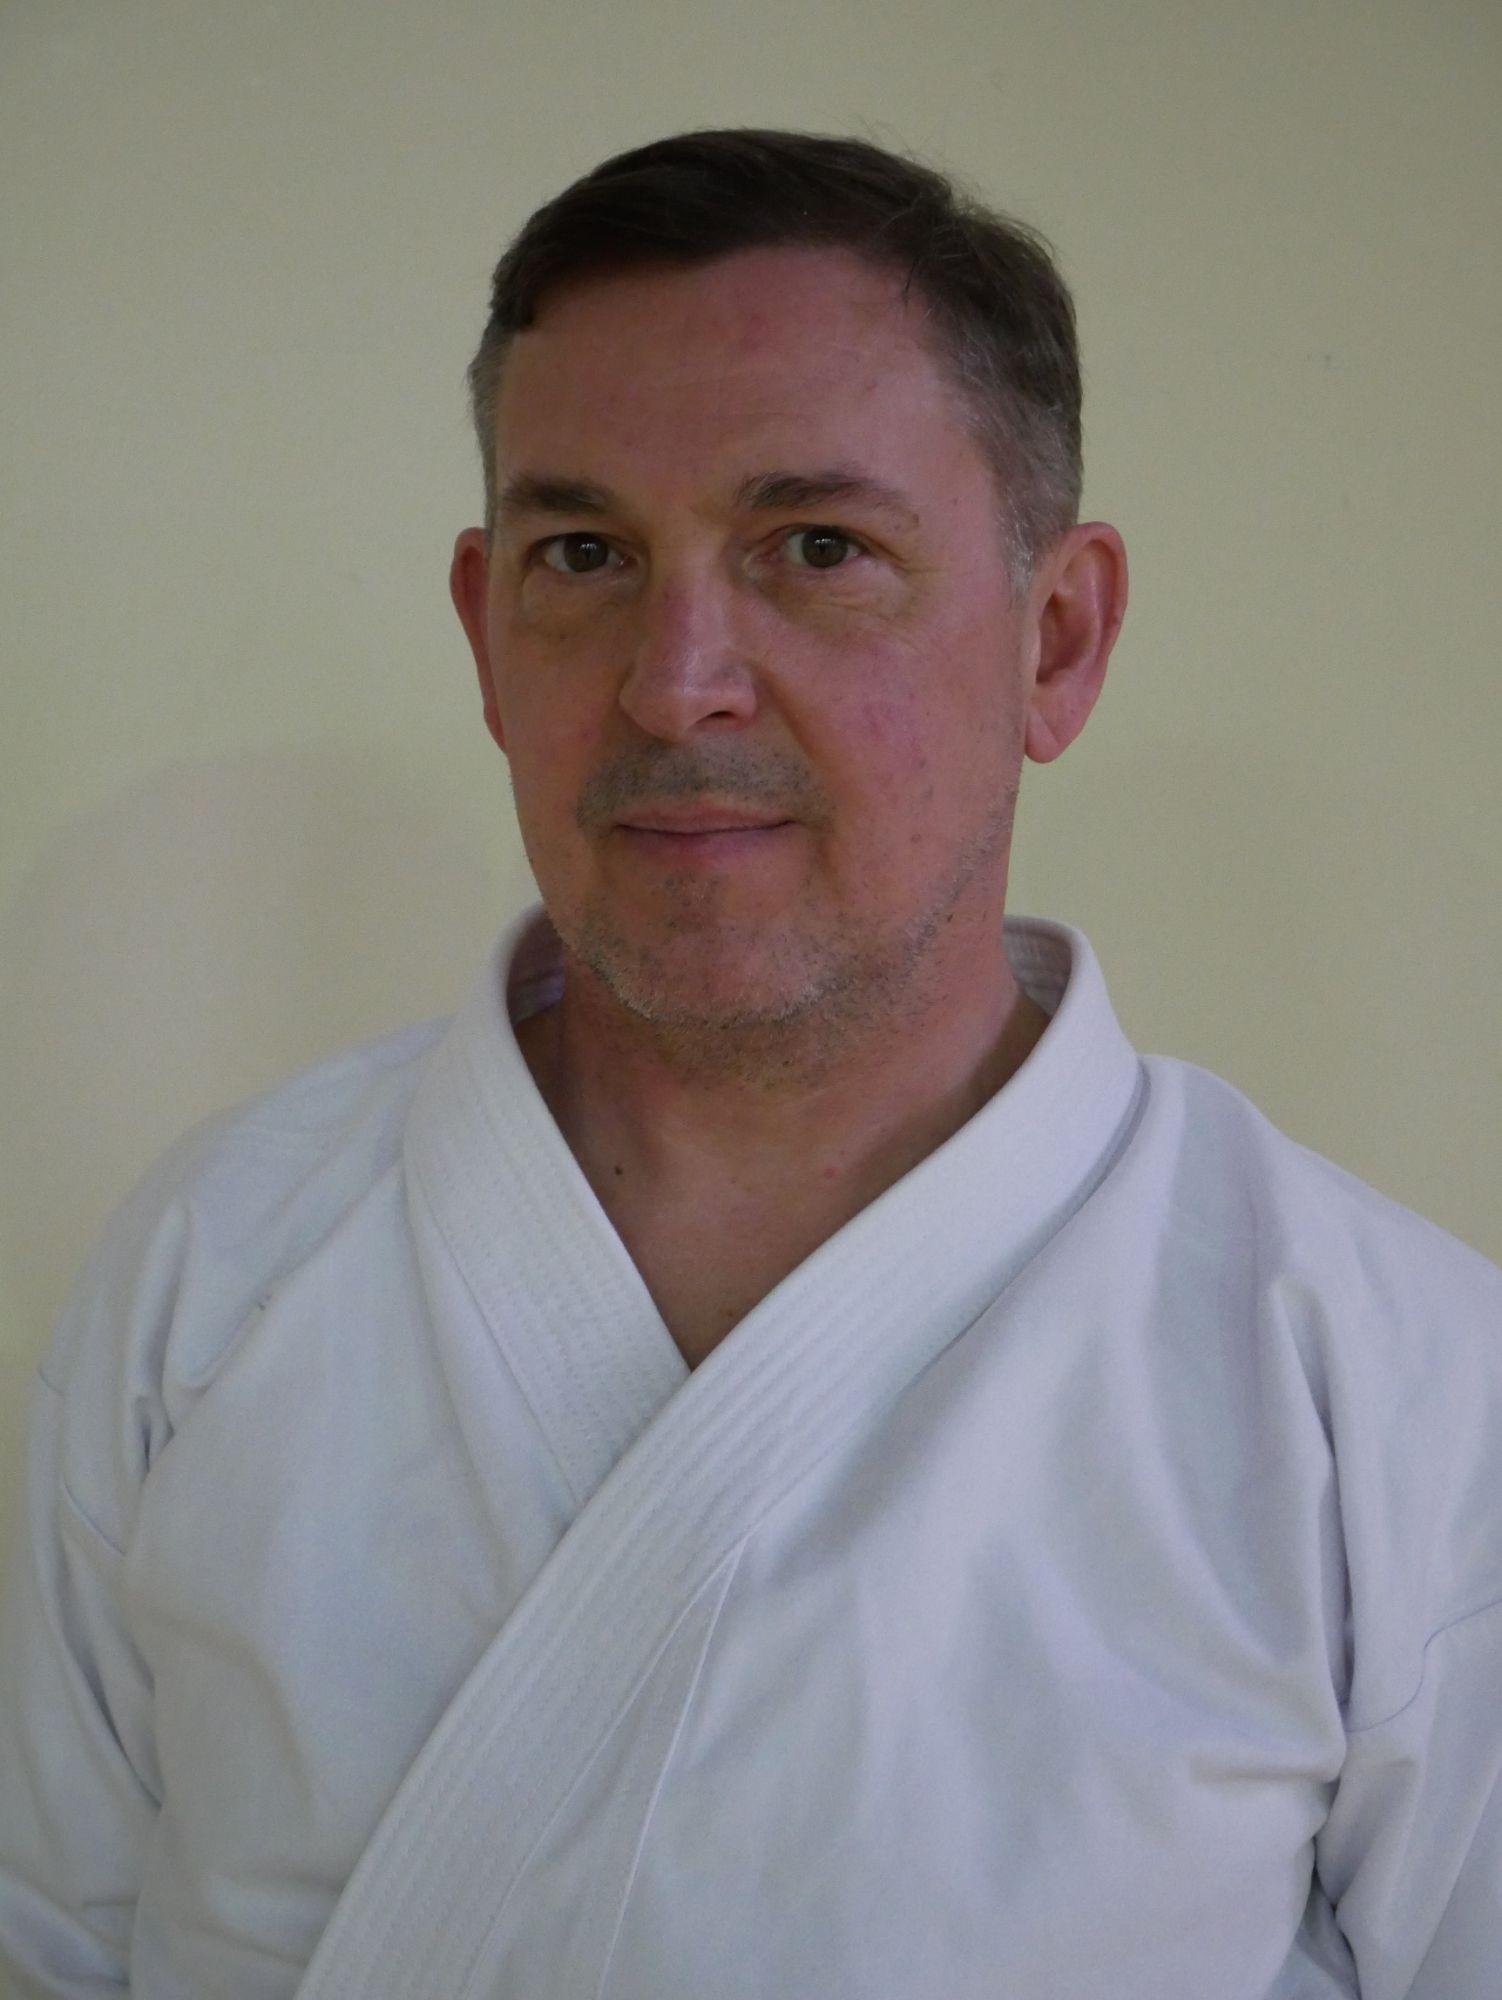 Jonathan Collins